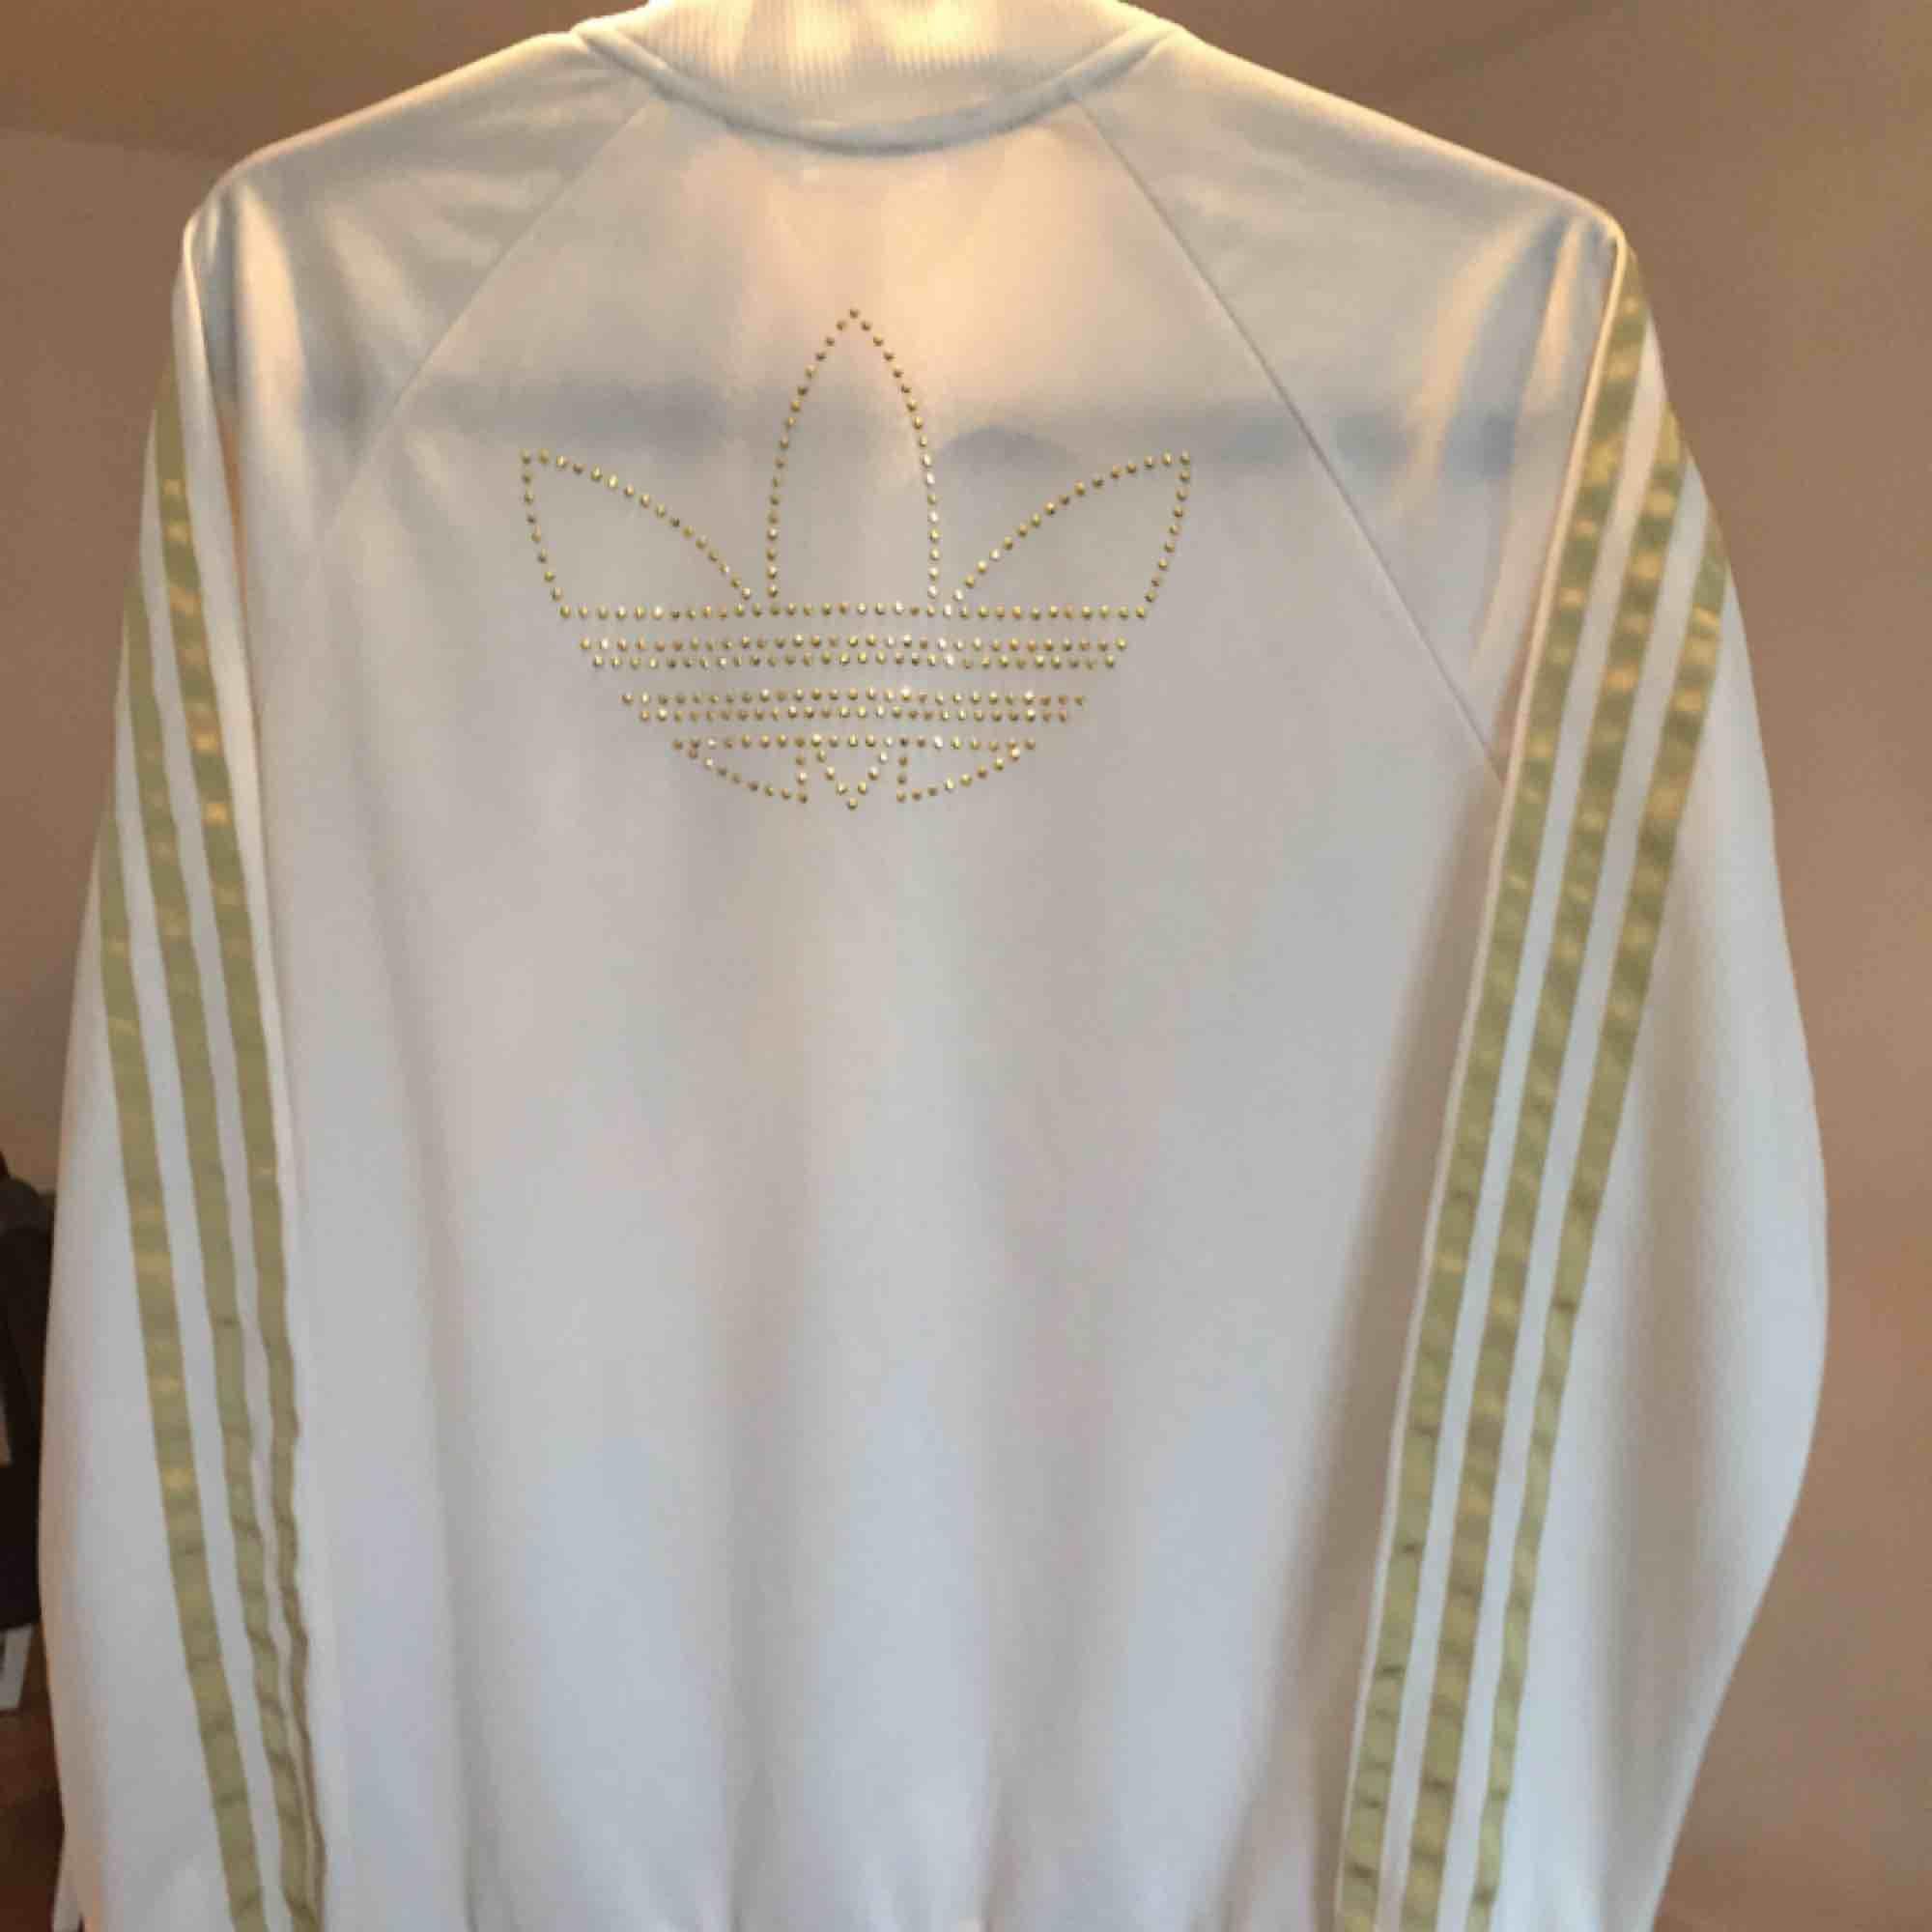 Superfin och lite ovanlig Adidas tröja Vit med detaljer i guld och är i mycket bra skick Kom med bud och kolla gärna mina andra annonser, kan samfrakta i den mån det går Går ej att swisha, men går bra med kontanter eller banköverföring. Huvtröjor & Träningströjor.